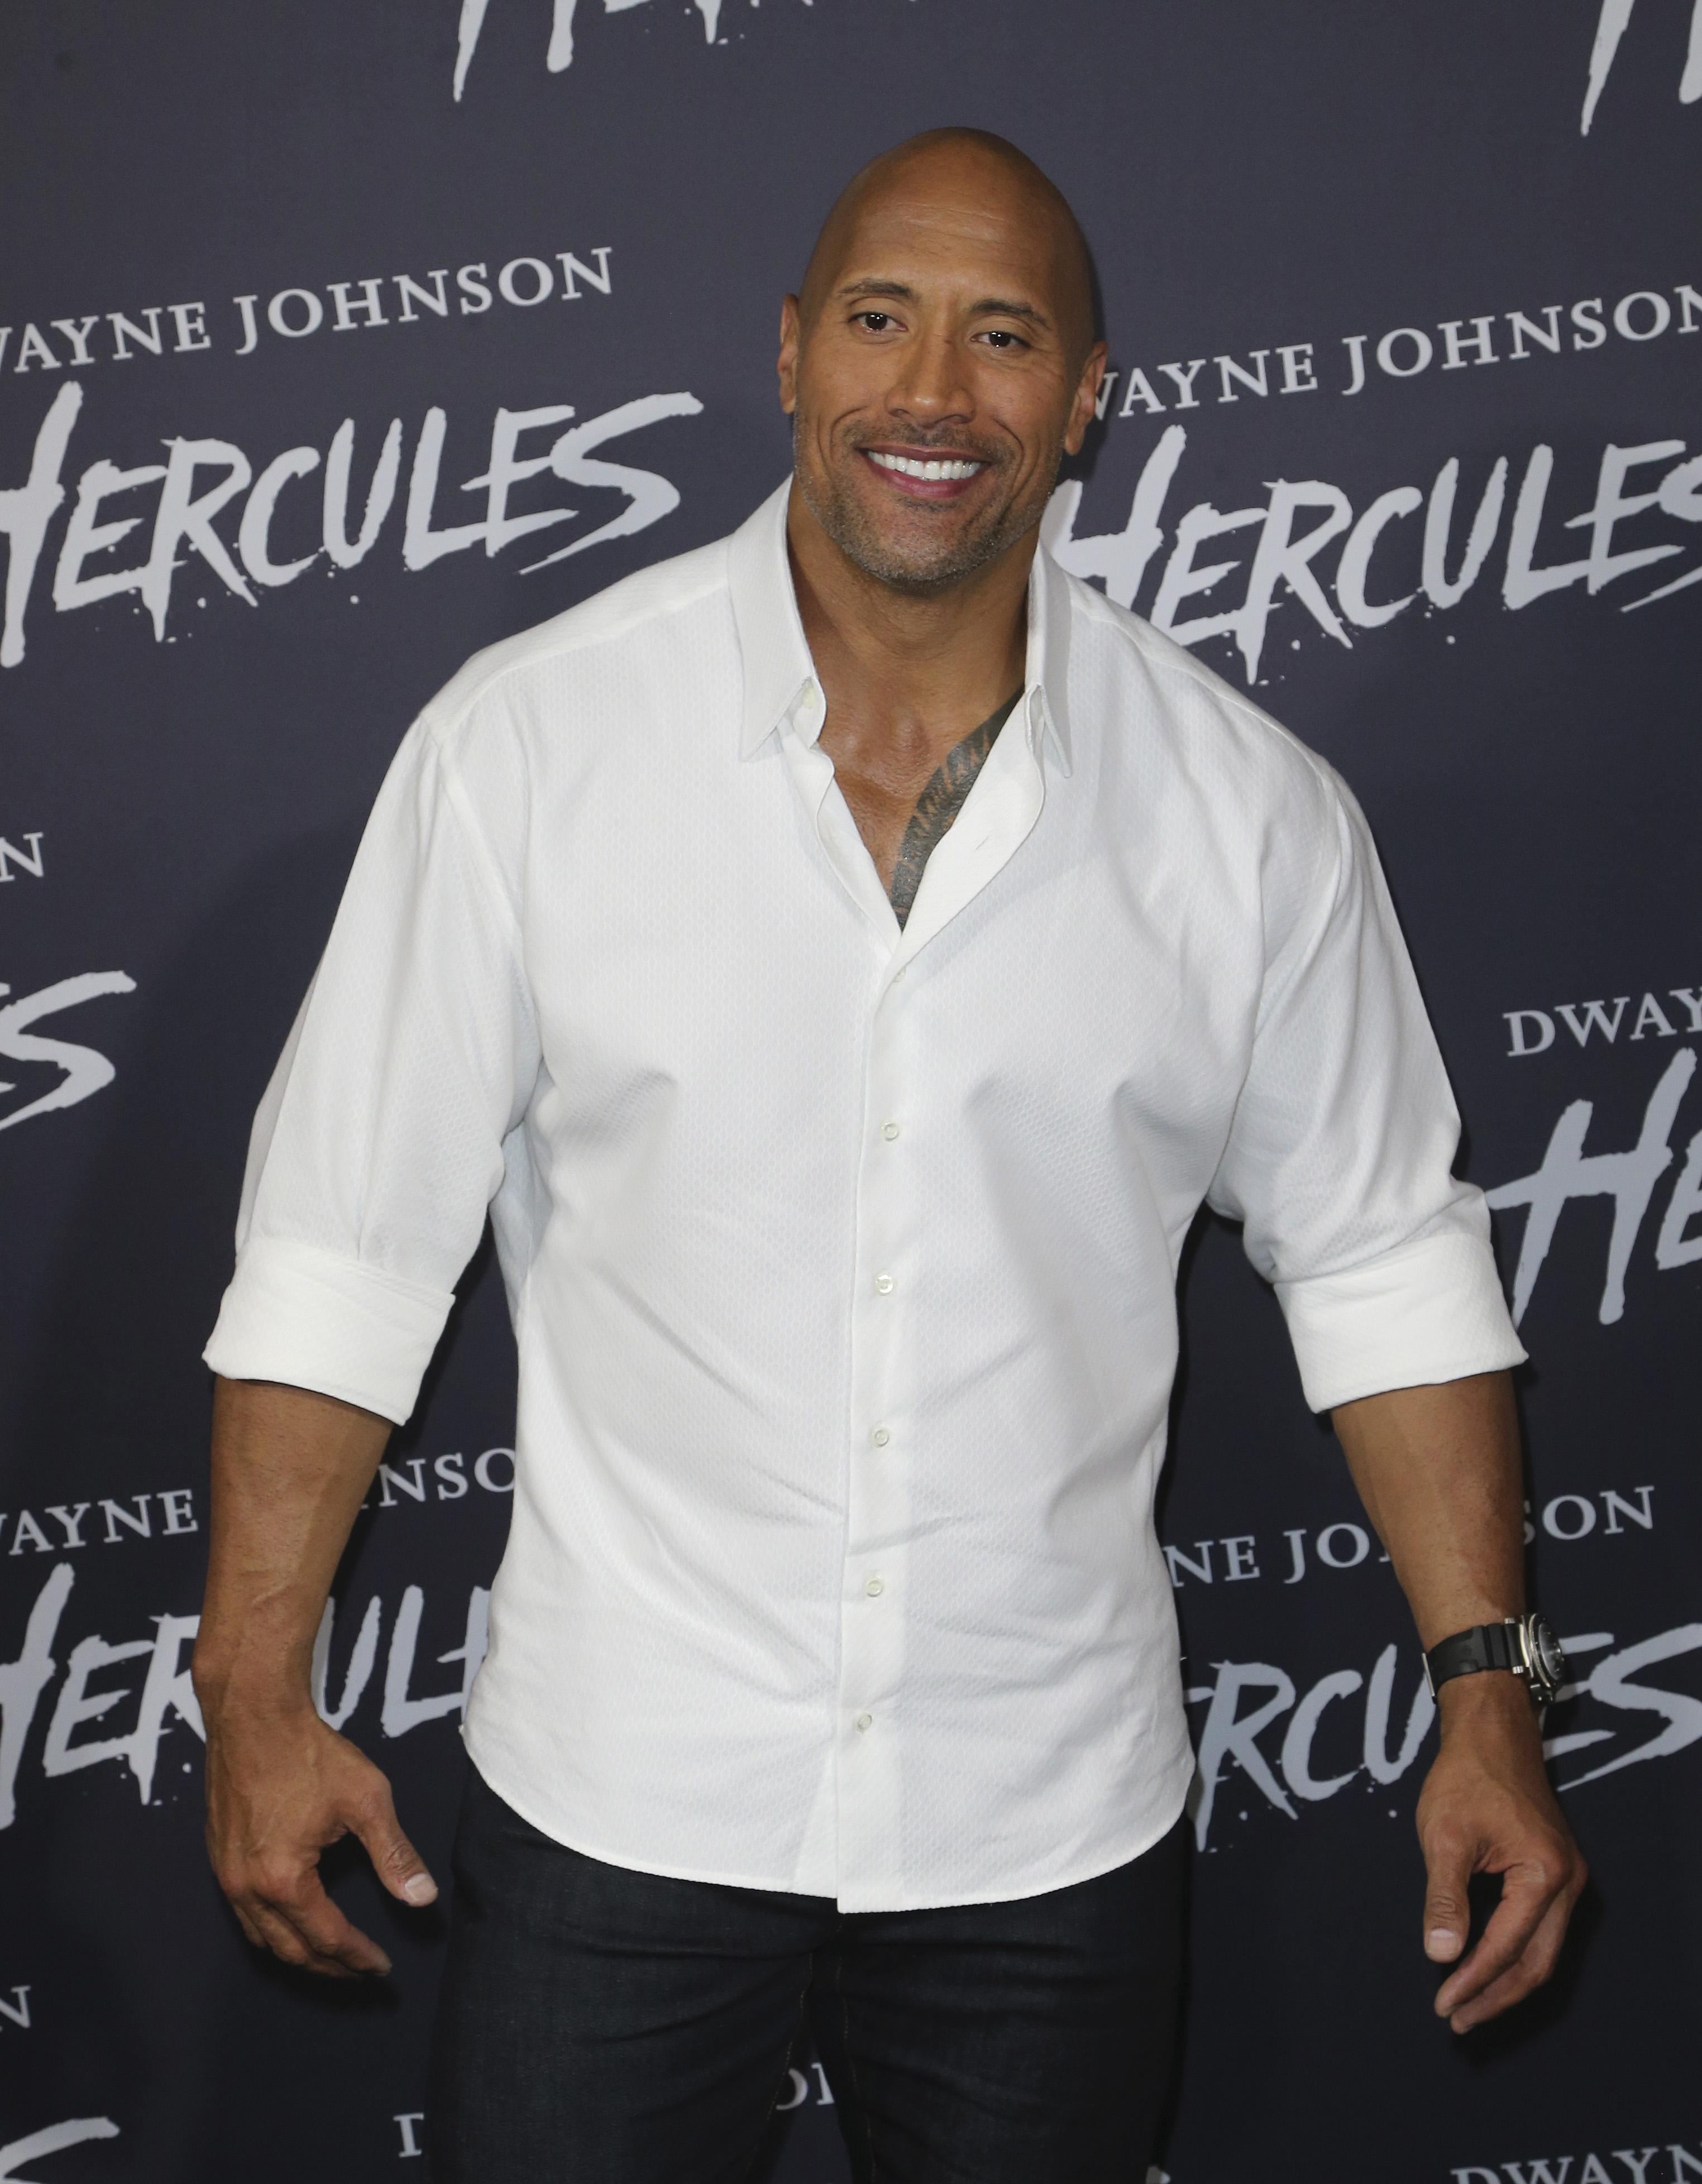 The Rock Hercules